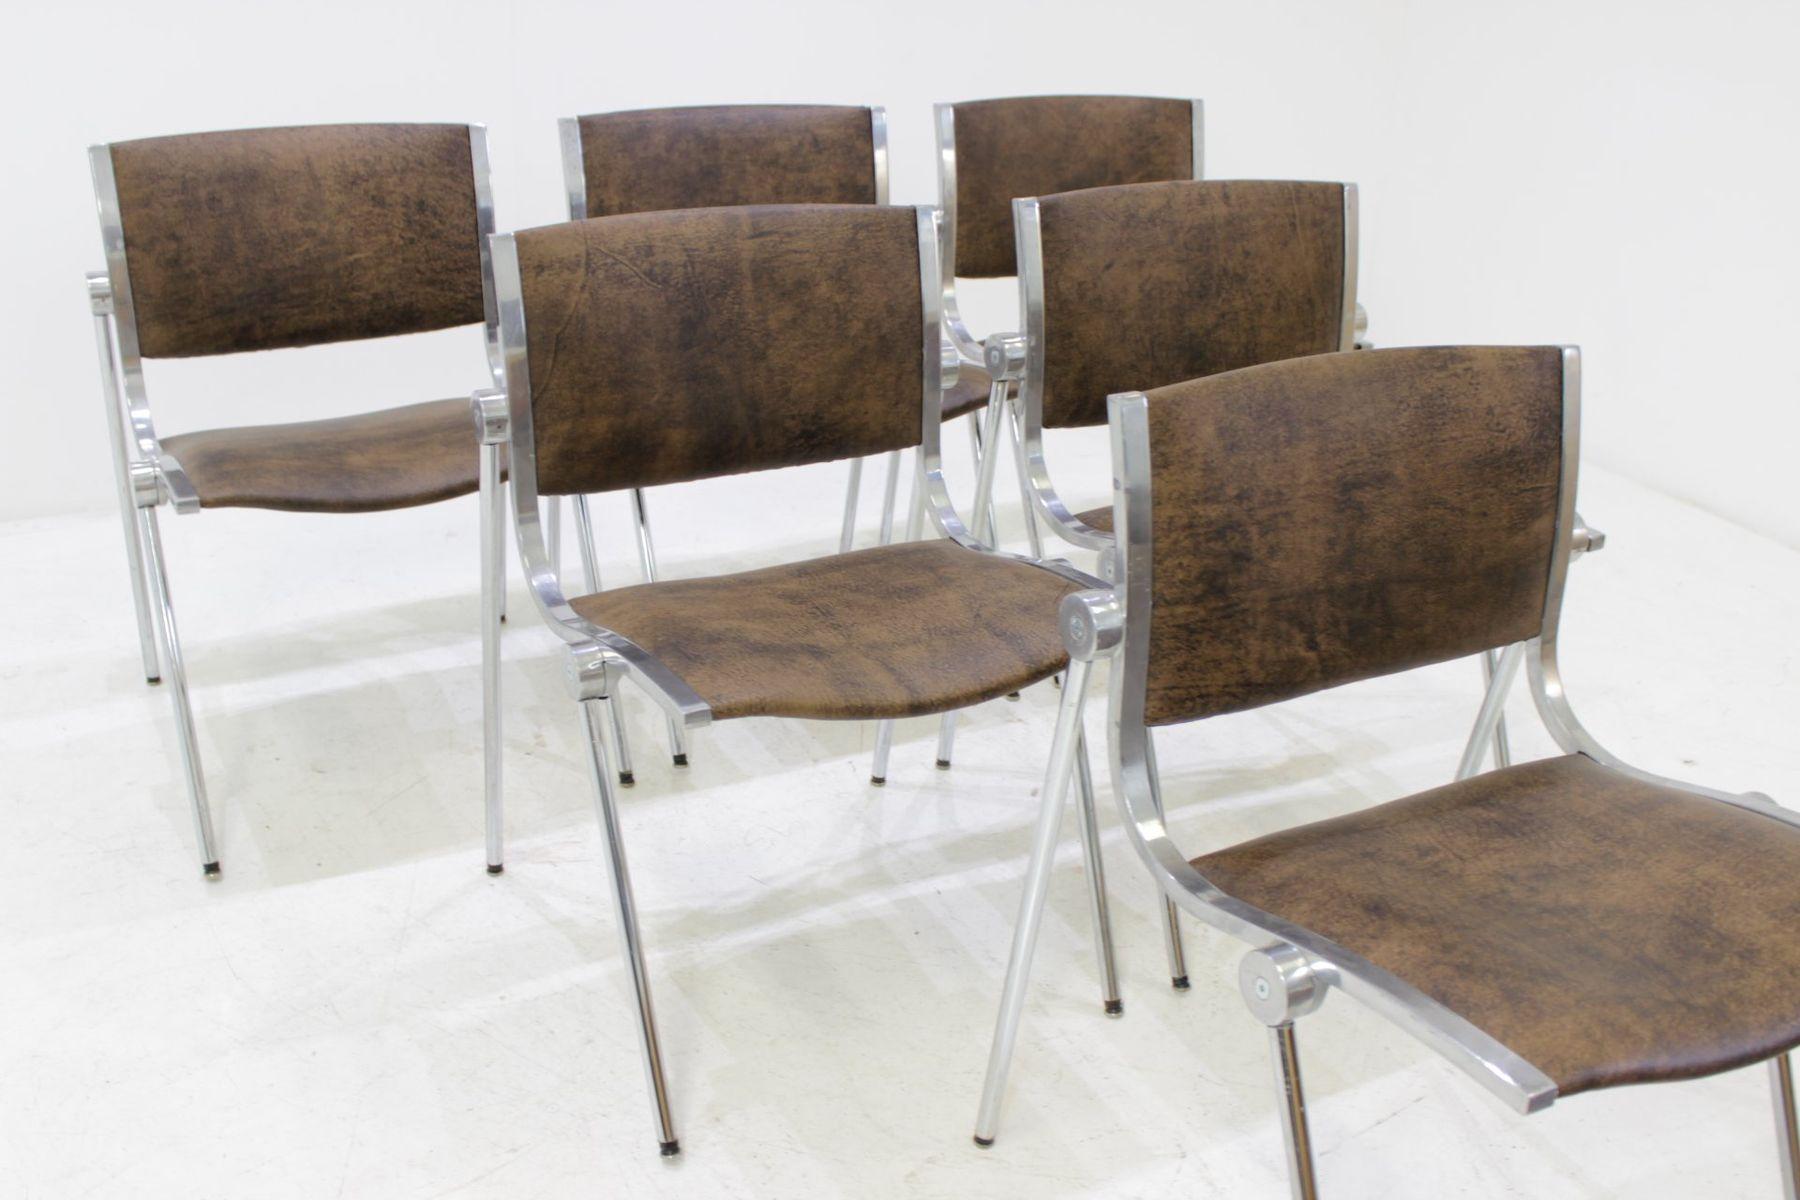 italienische aluminium st hle von vaghi 1960er 6er set bei pamono kaufen. Black Bedroom Furniture Sets. Home Design Ideas